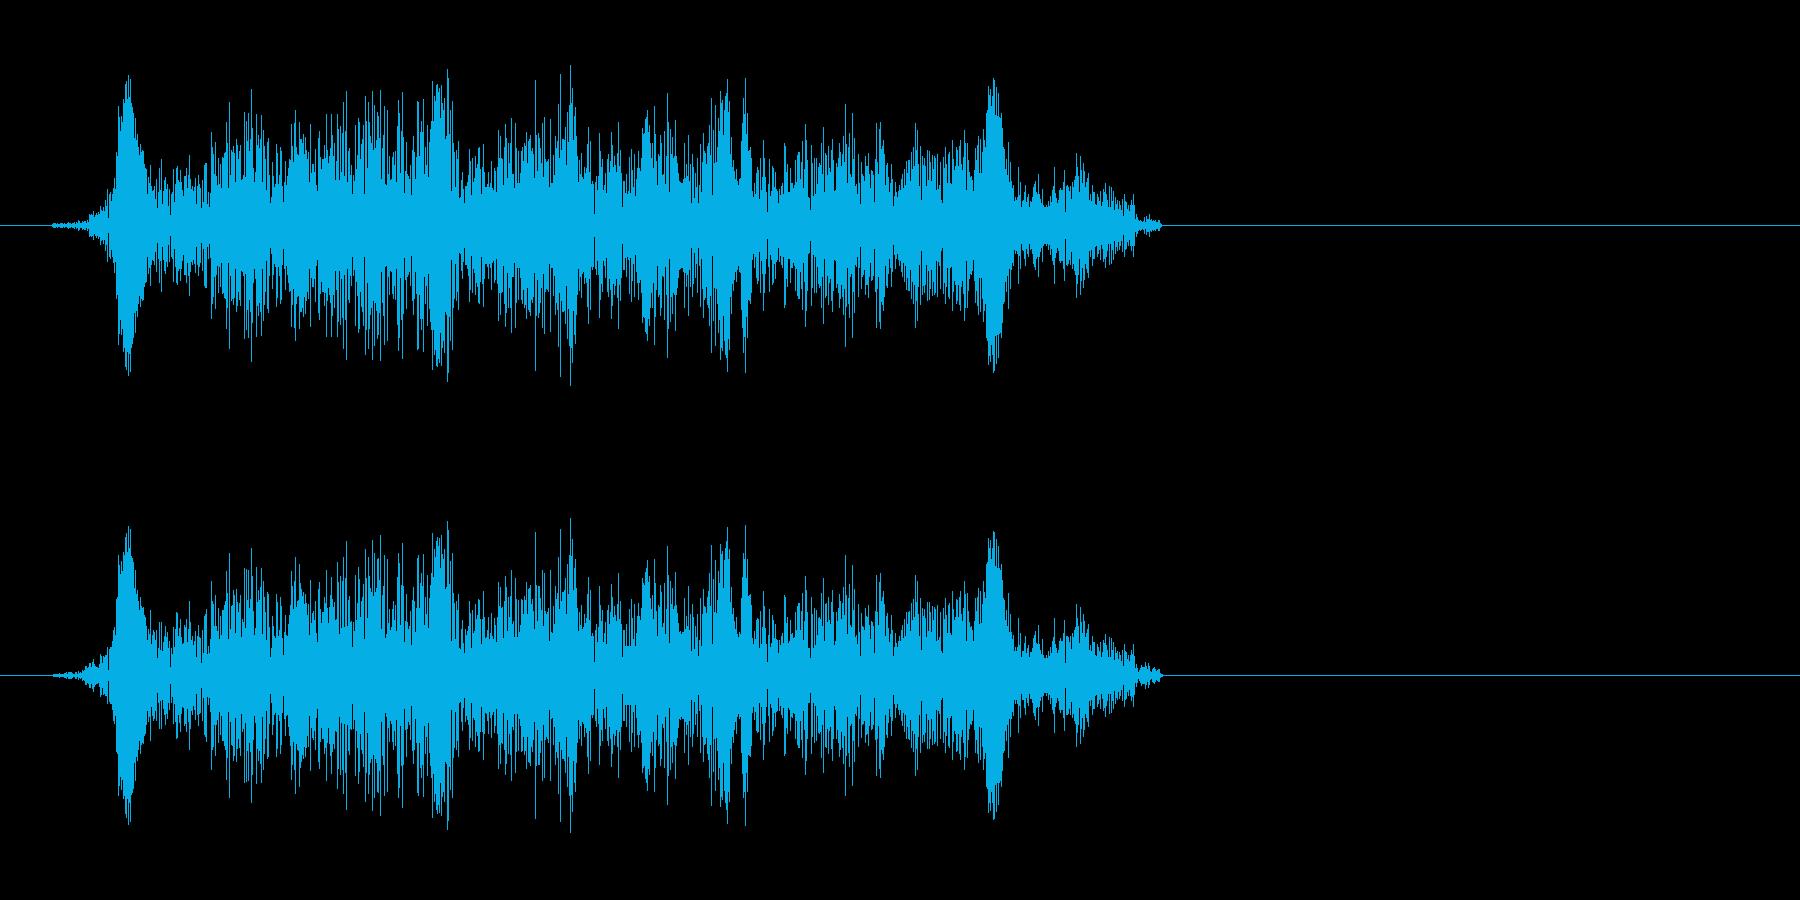 キュッ(ギターなどの弦を擦る音)の再生済みの波形